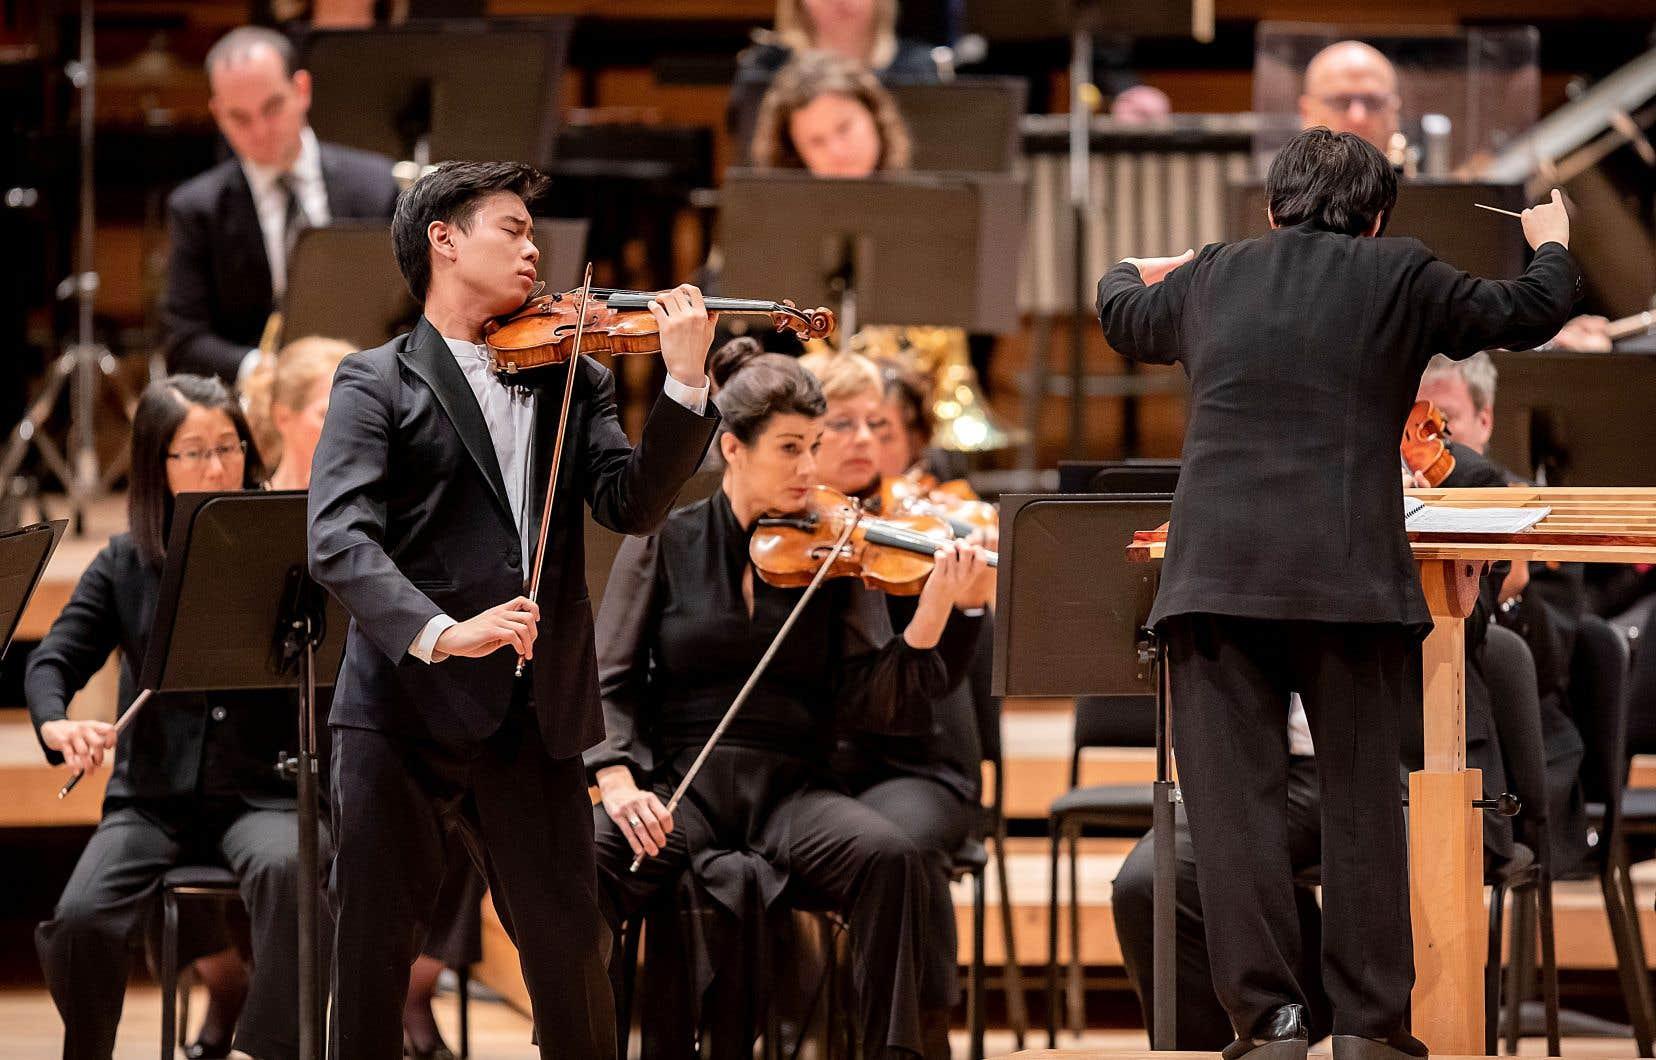 Timothy Chooi, violoniste canadien de 26 ans, tout juste auréolé de son 2e prix au Concours Reine Élisabeth de Belgique, fait partie des dauphins de James Ehnes.